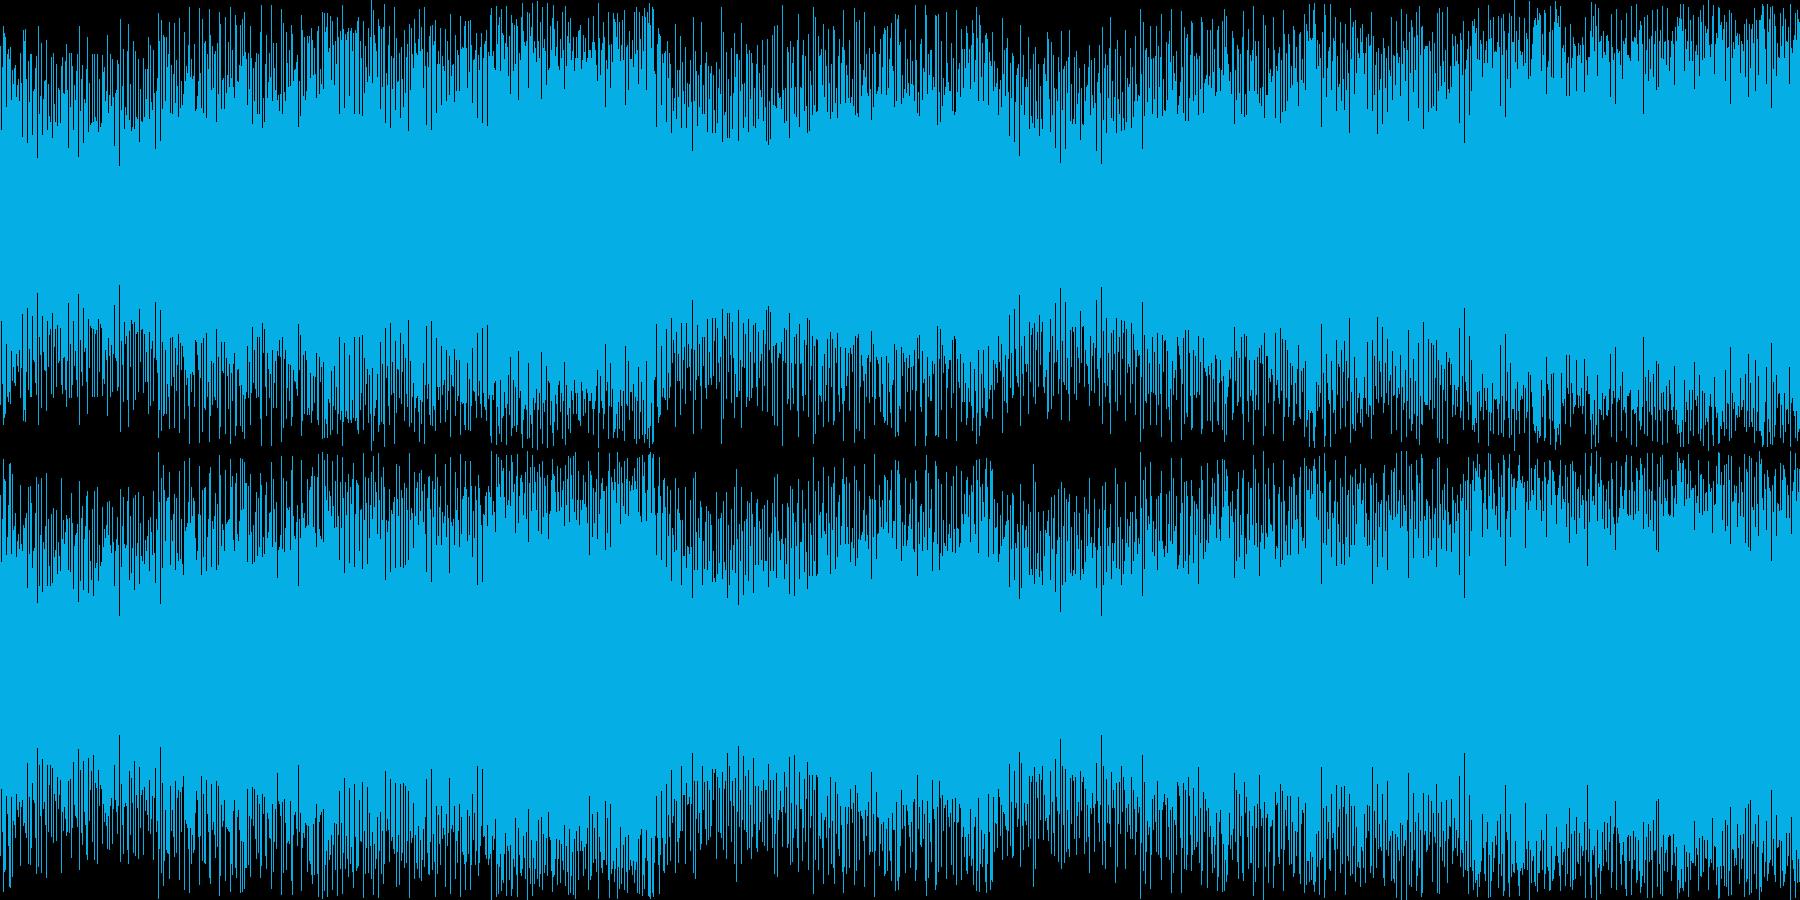 【ループ用】お洒落で力強いゲーム戦闘曲の再生済みの波形